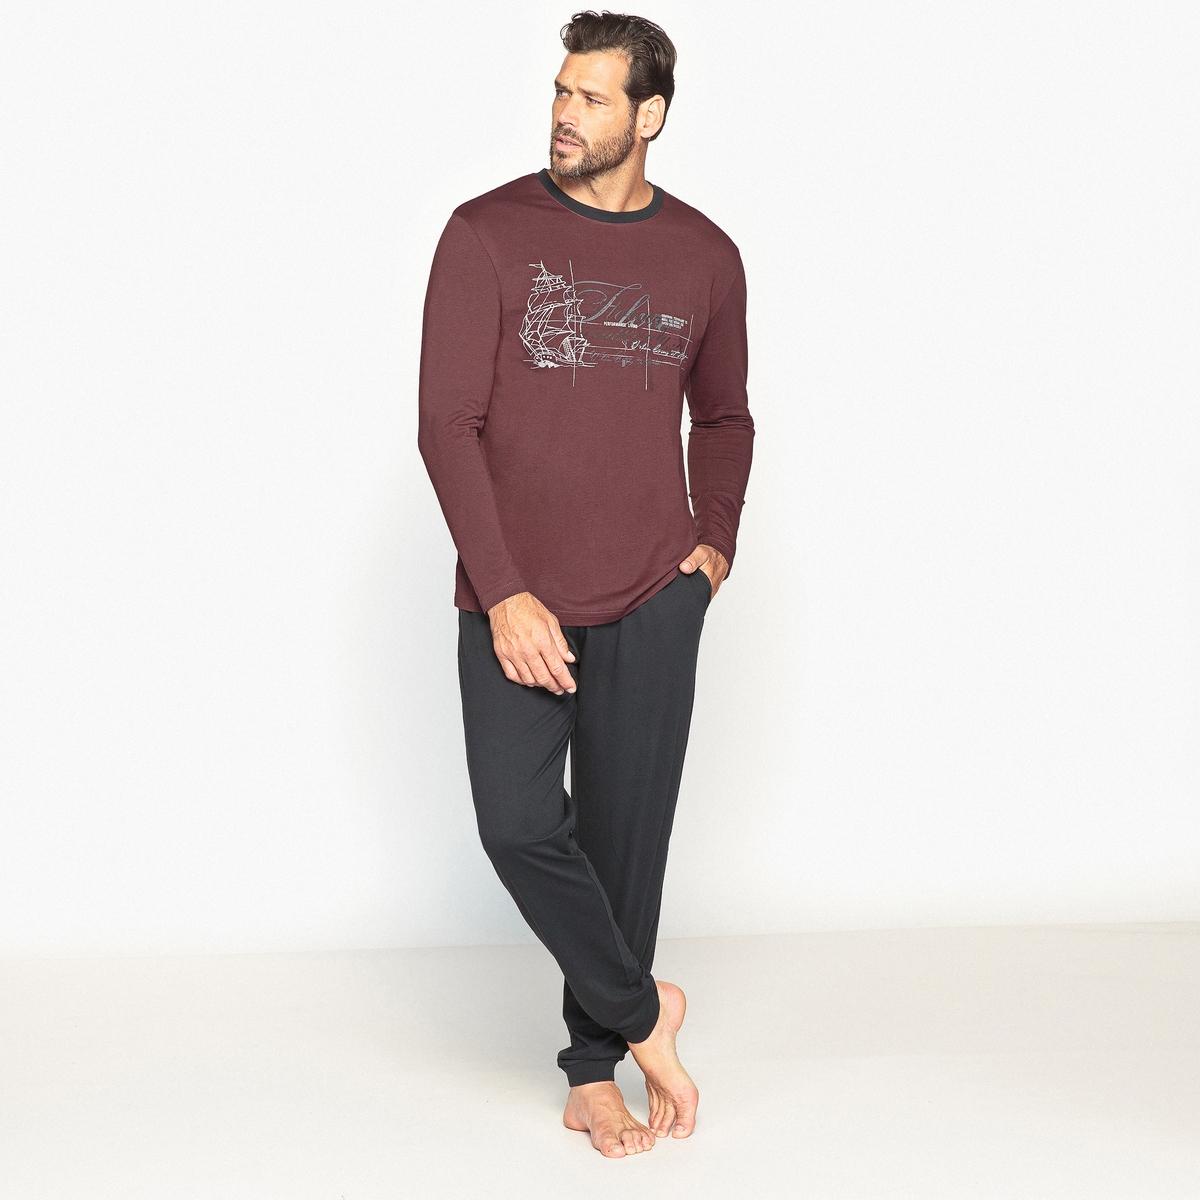 ПижамаОписание:Симпатичная пижама! Очень комфортная трикотажная пижама из 100% хлопка. Детали •  Футболка с длинными рукавами. Круглый вырез. Рисунок спереди. •  Брюки: эластичные пояс и низ брючин.Состав и уход  •  Материал: 100% хлопок. •  Машинная стирка при  40° •  Принт на футболке не гладить.<br><br>Цвет: антрацит/бордовый<br>Размер: 74/76.70/72